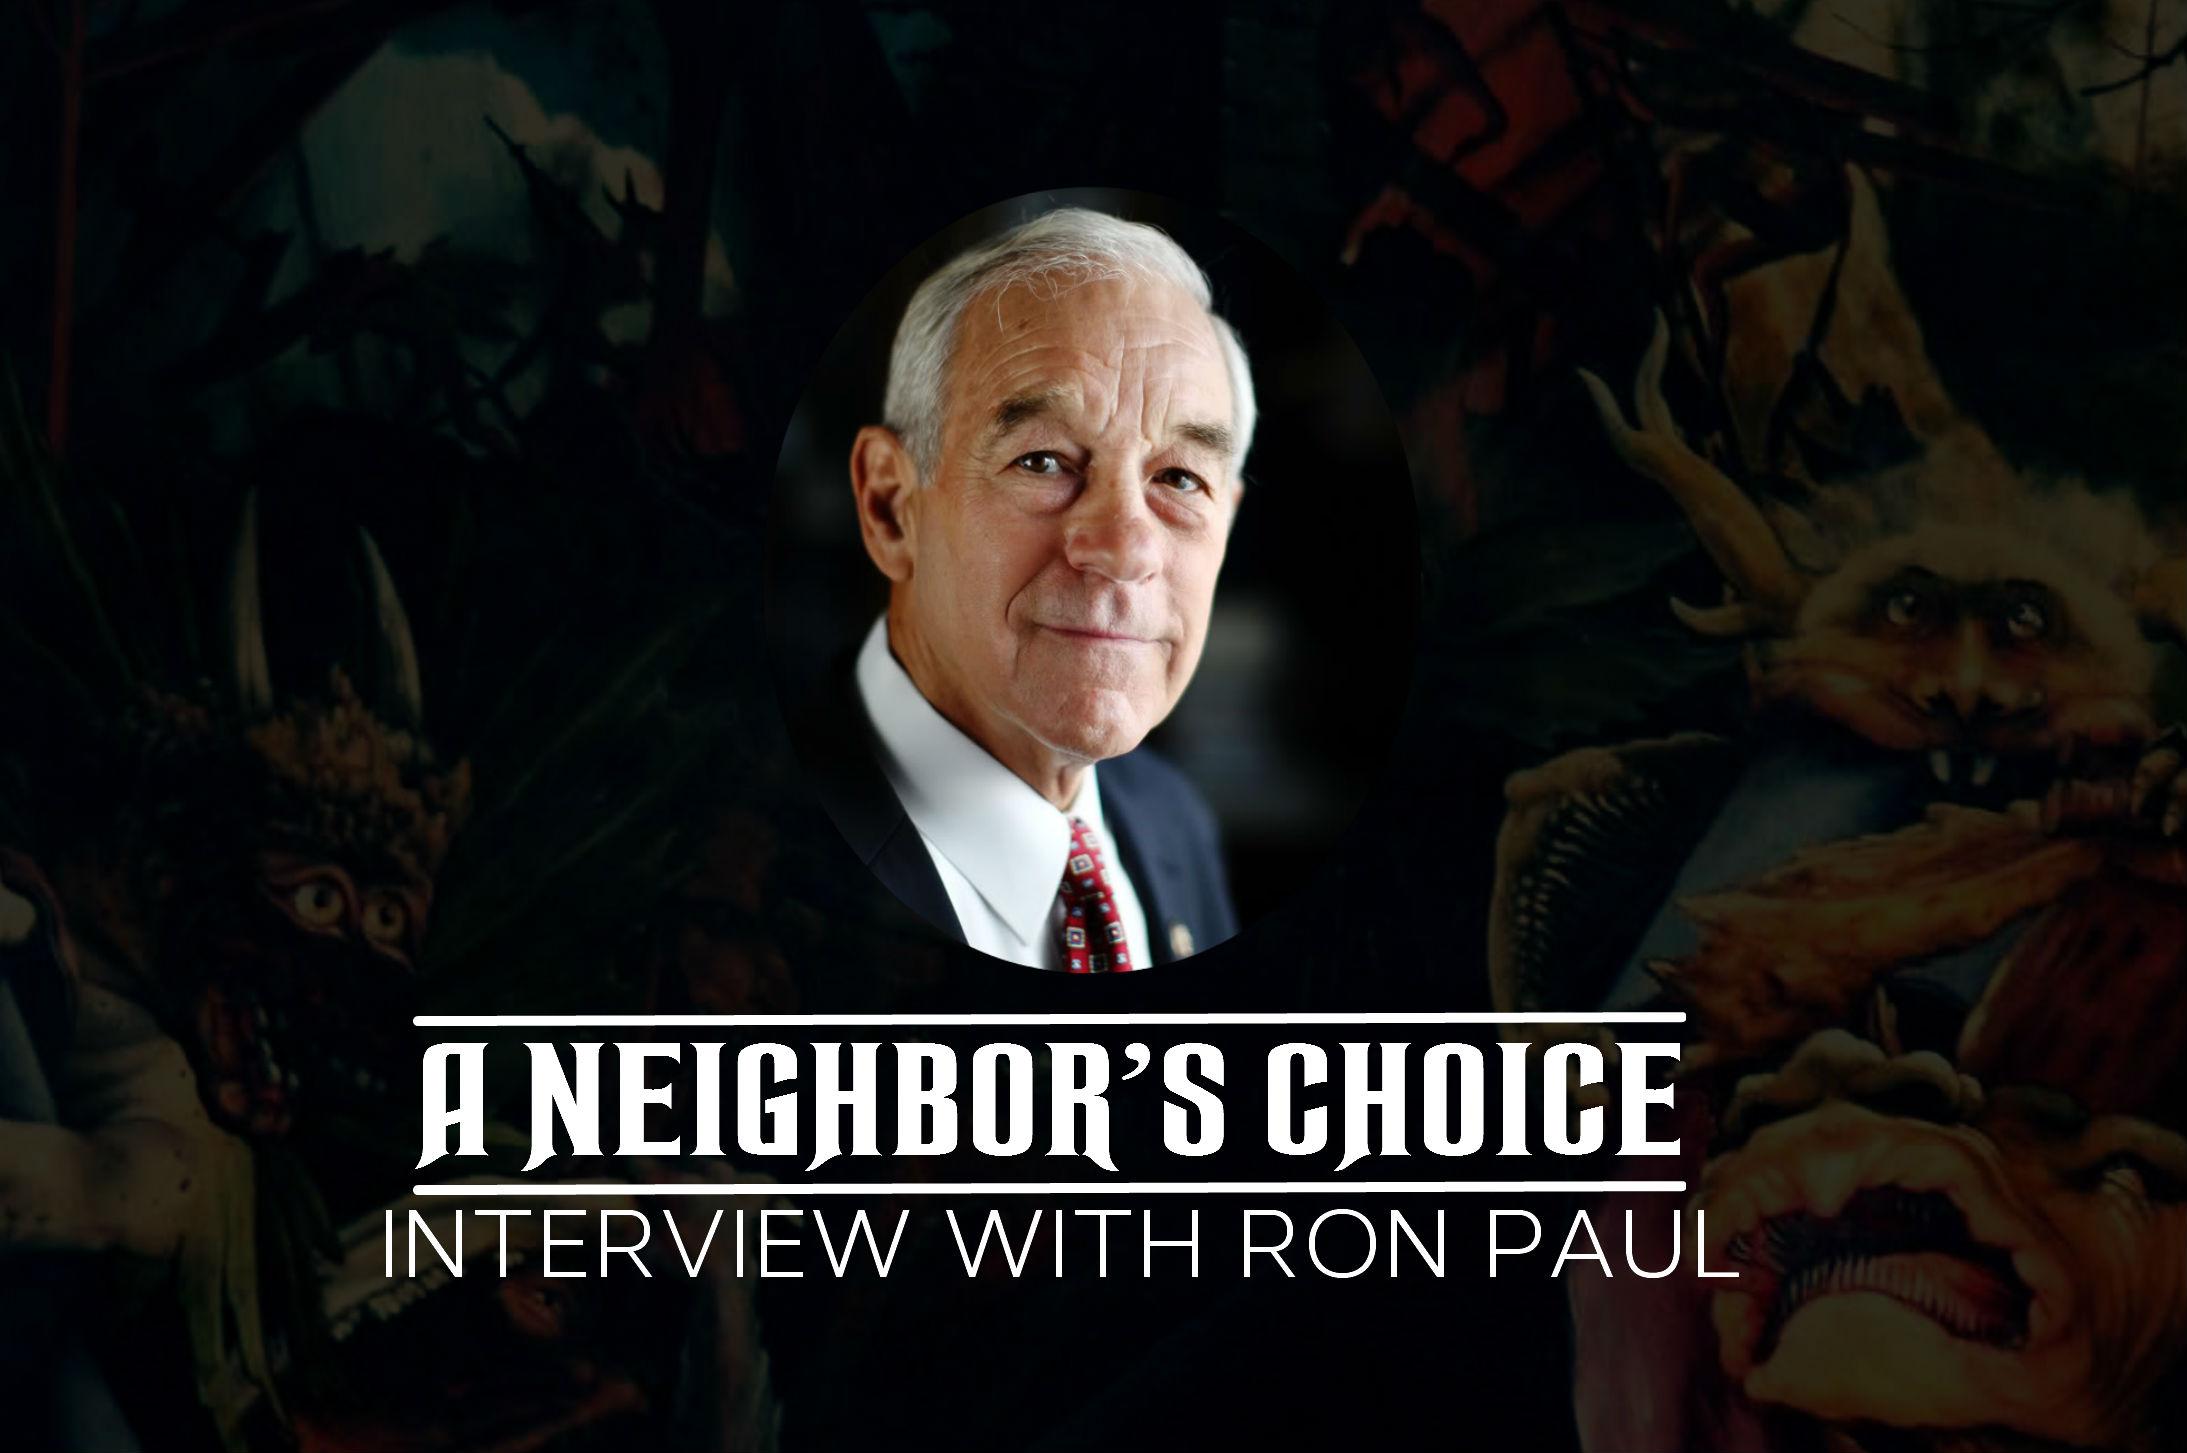 a neighbor s choice ep 1 ron paul interview a neighbor s choice